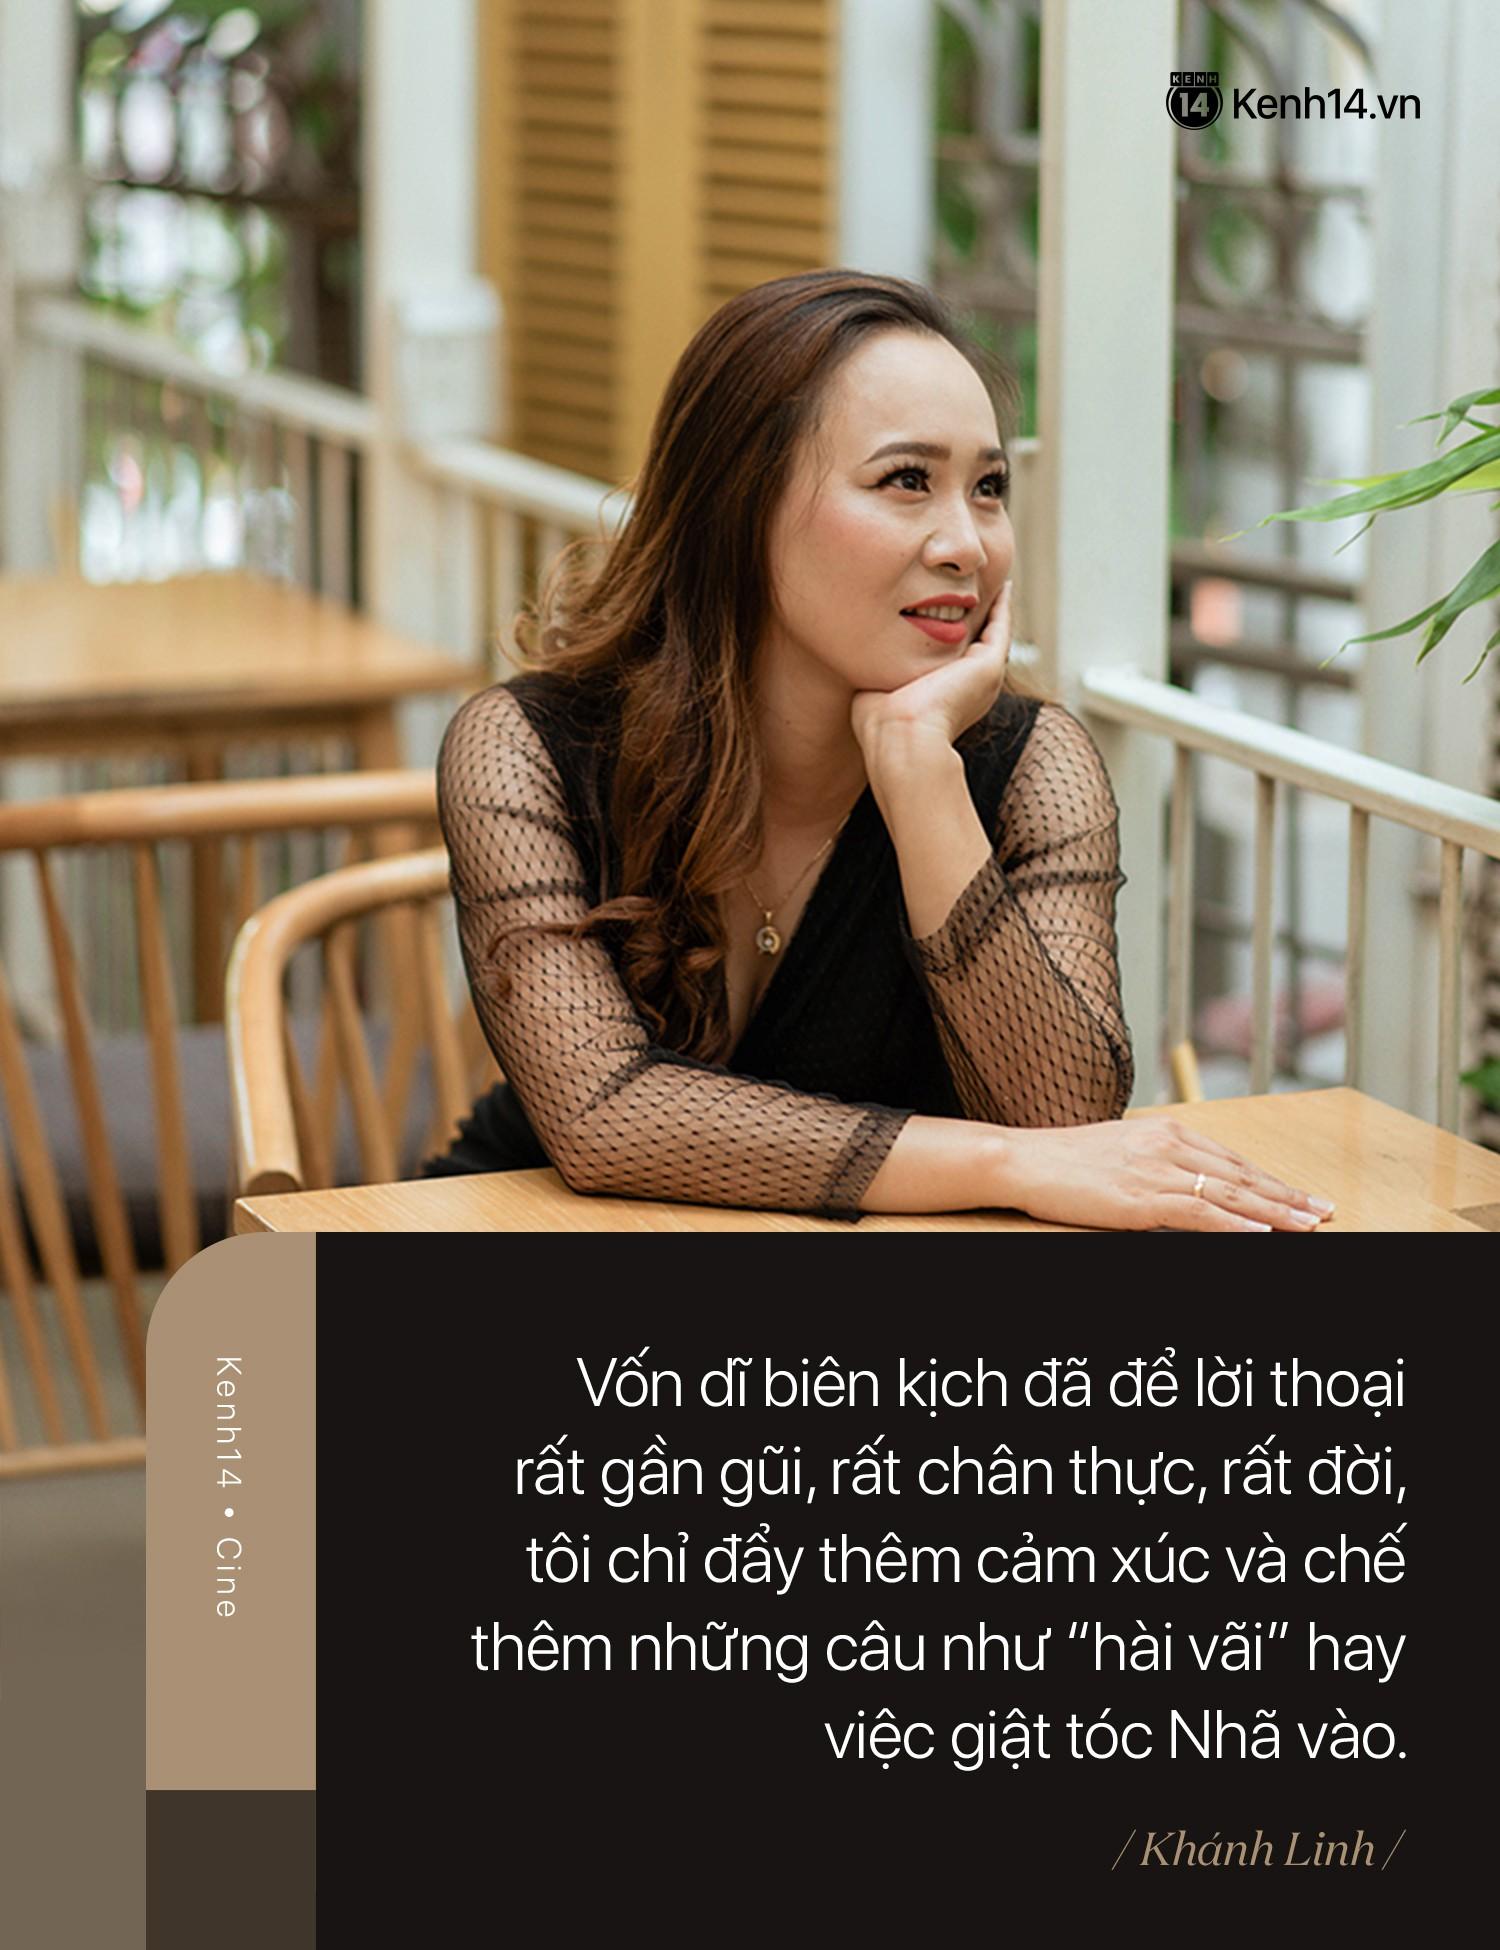 Cô bạn thân ai cũng muốn có trong đời - Linh (Về nhà đi con): Không có tình thì phải có tiền, sống thực tế để khỏi chơi vơi! - Ảnh 6.